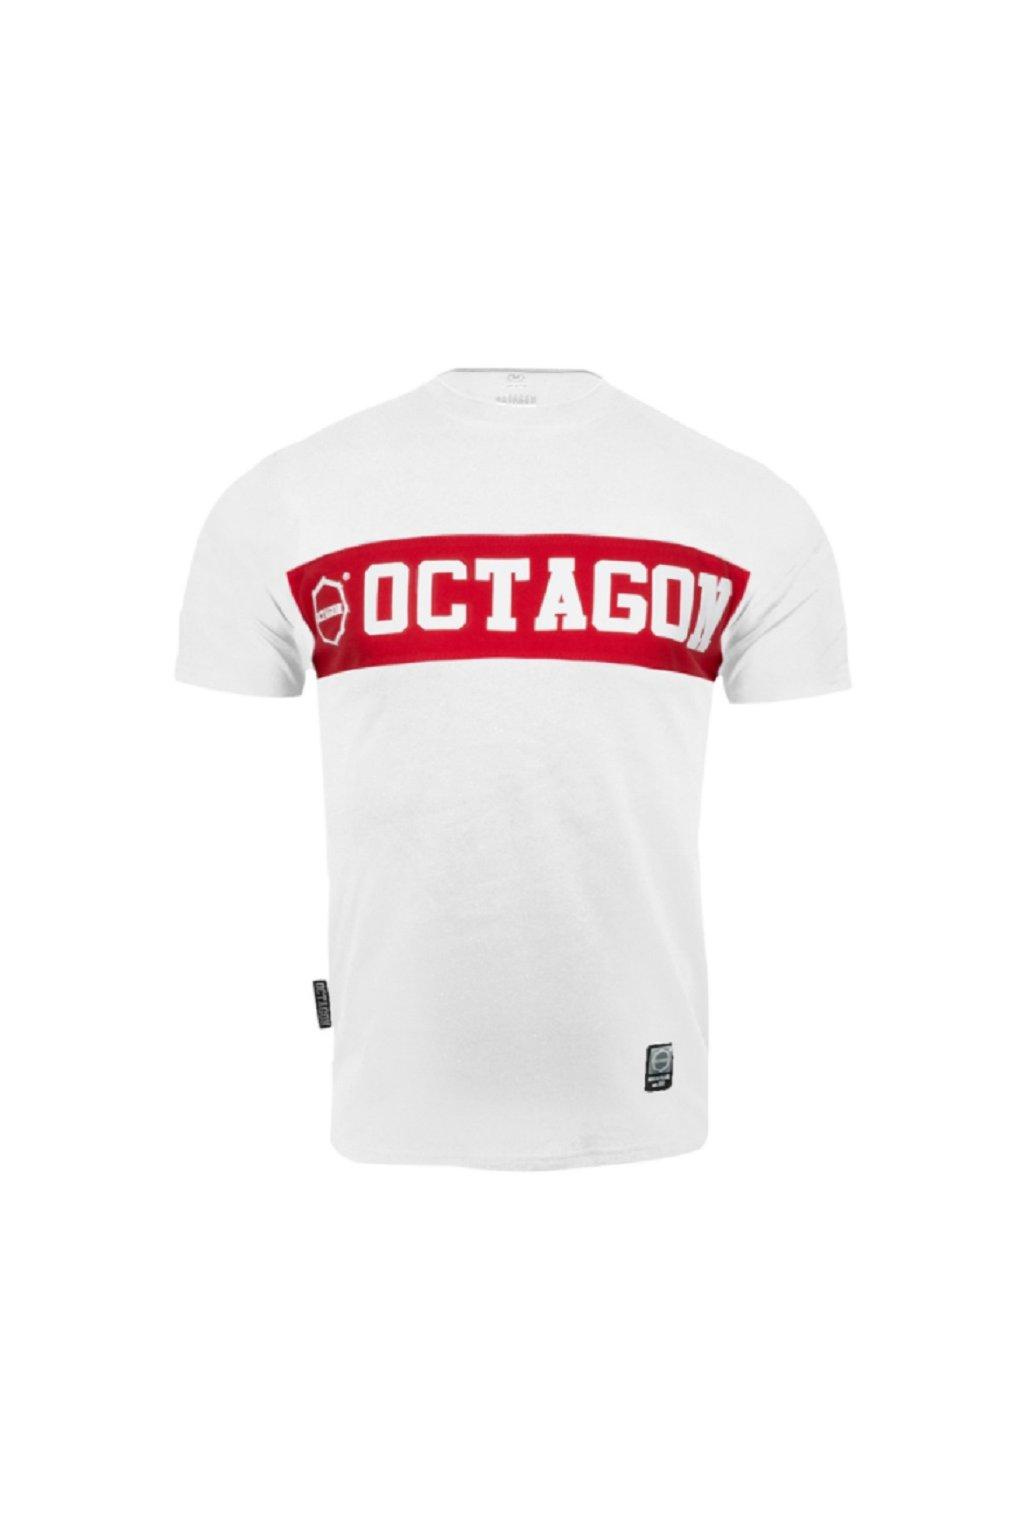 Pánské tričko OCTAGON MIDDLE WHITE obr1